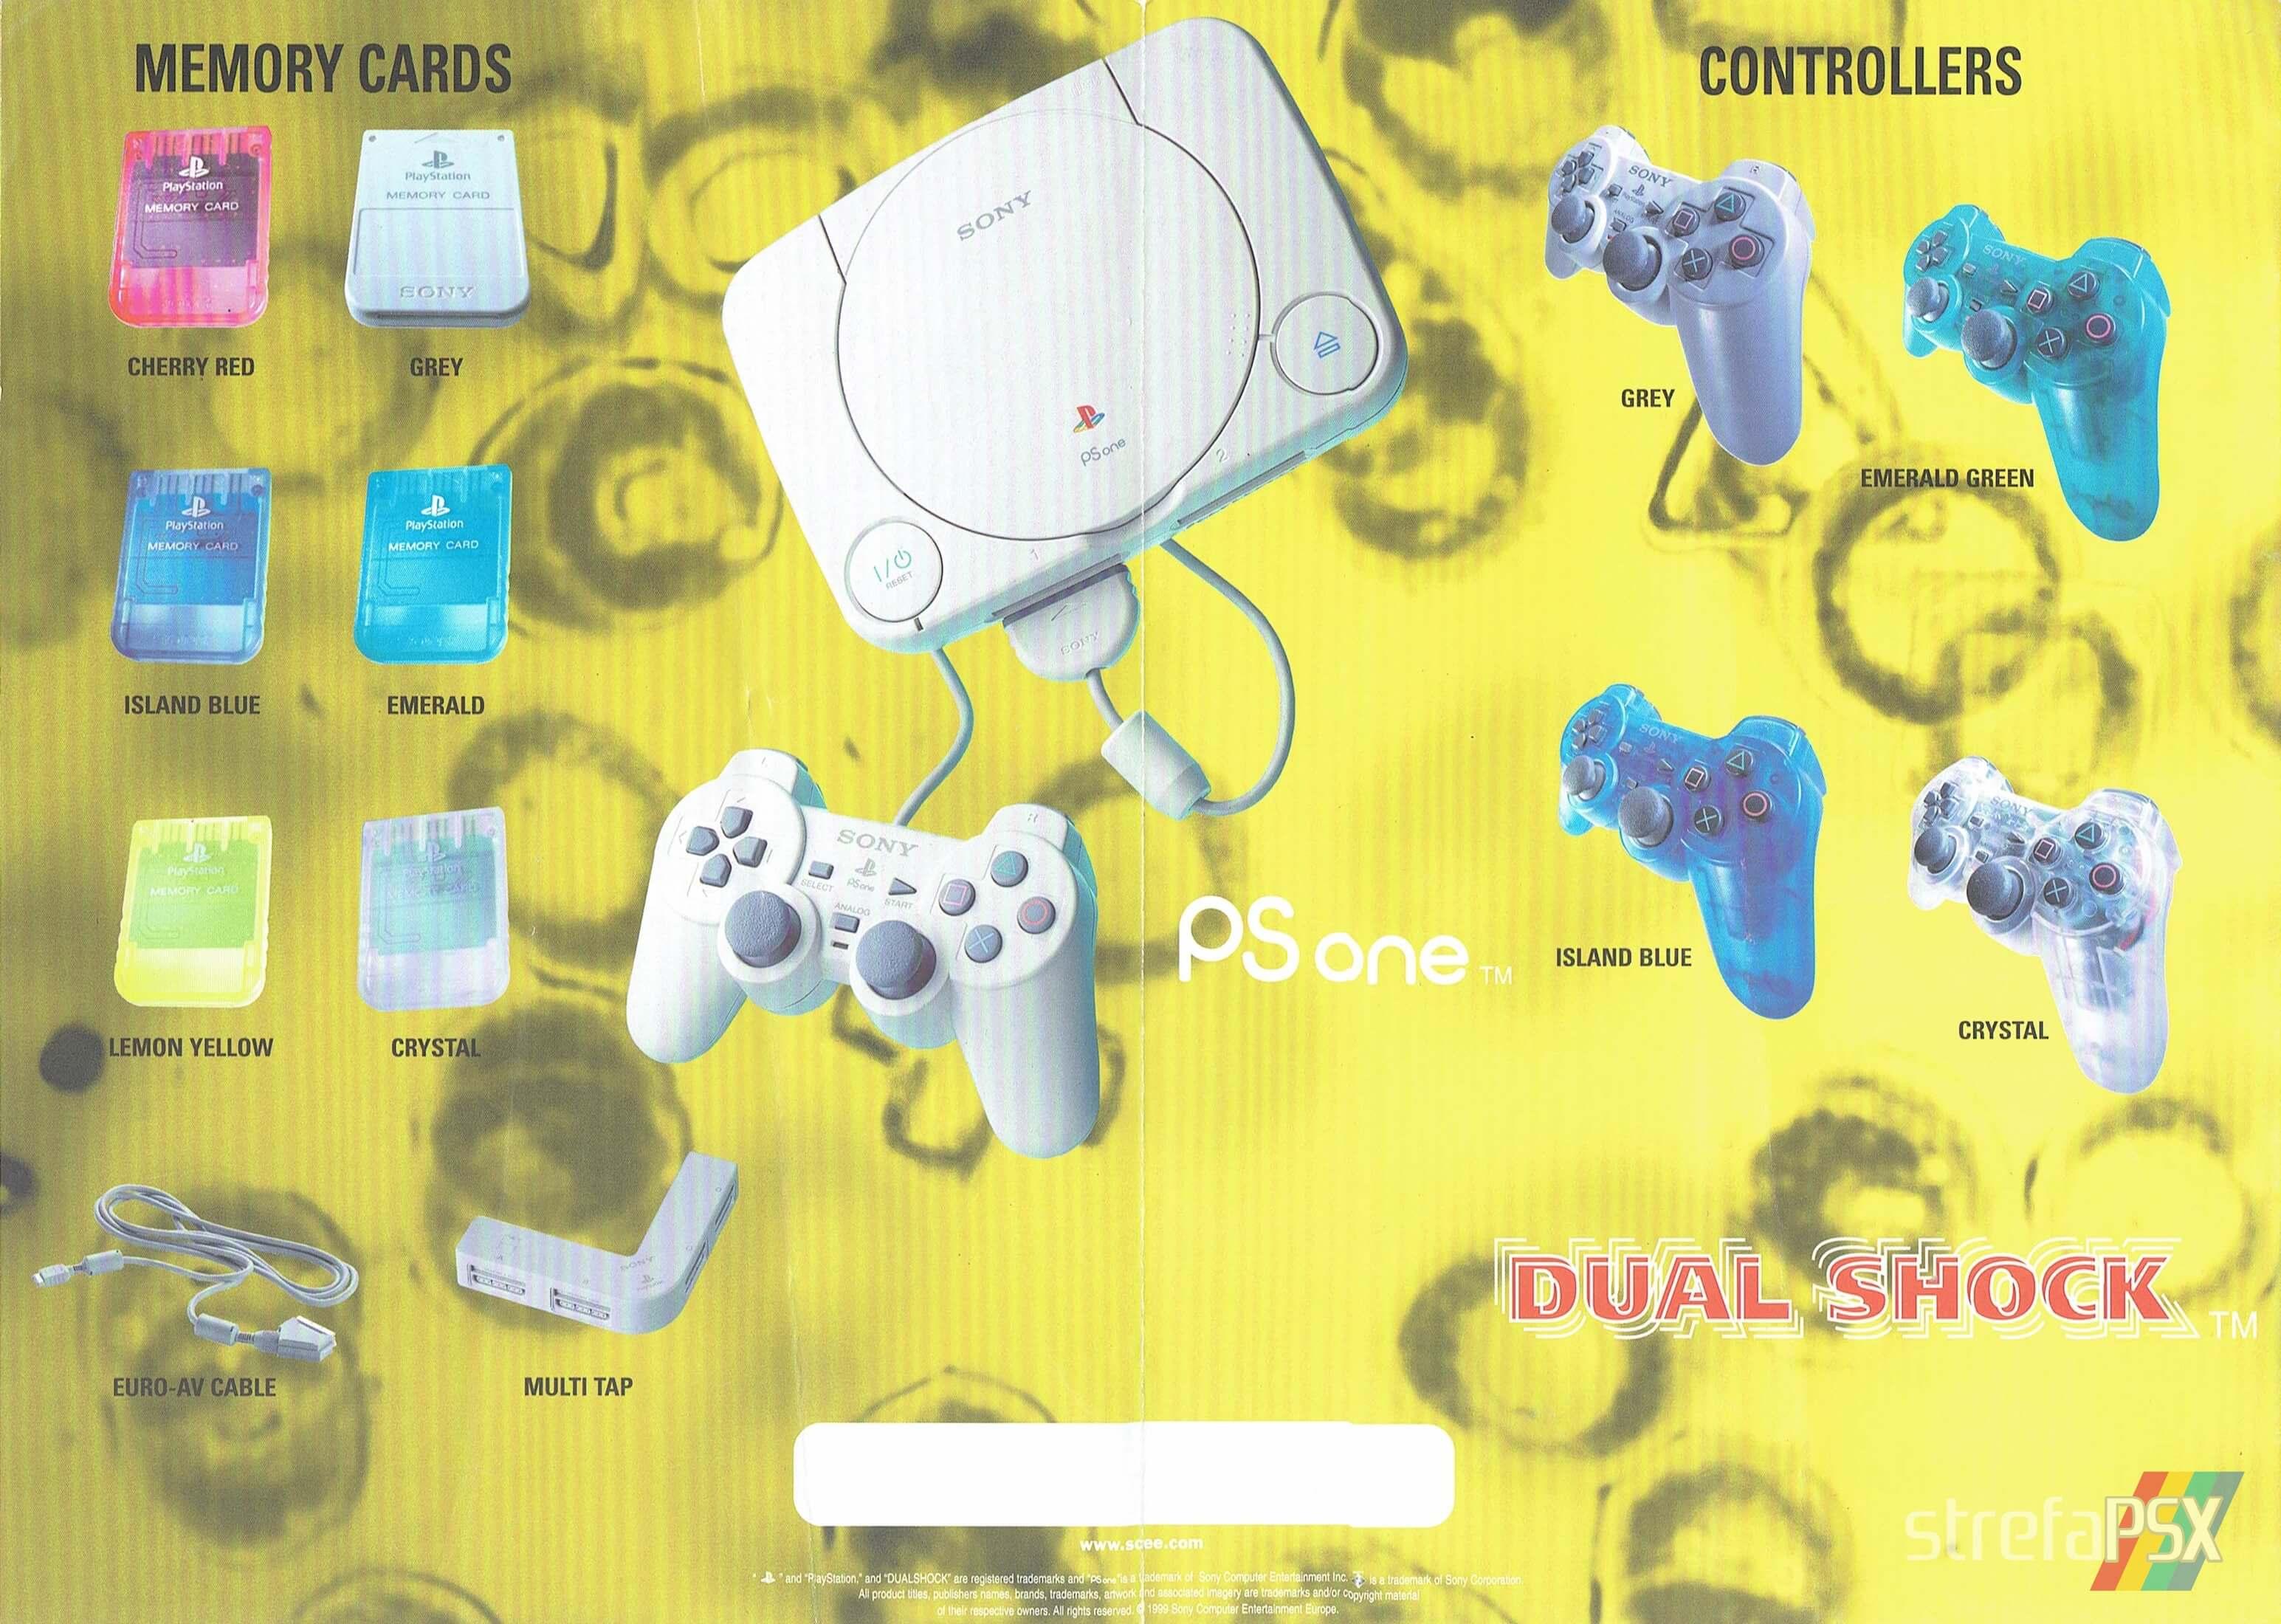 broszura reklamowa psx 202 - Broszury reklamowe PlayStation z dawnych lat